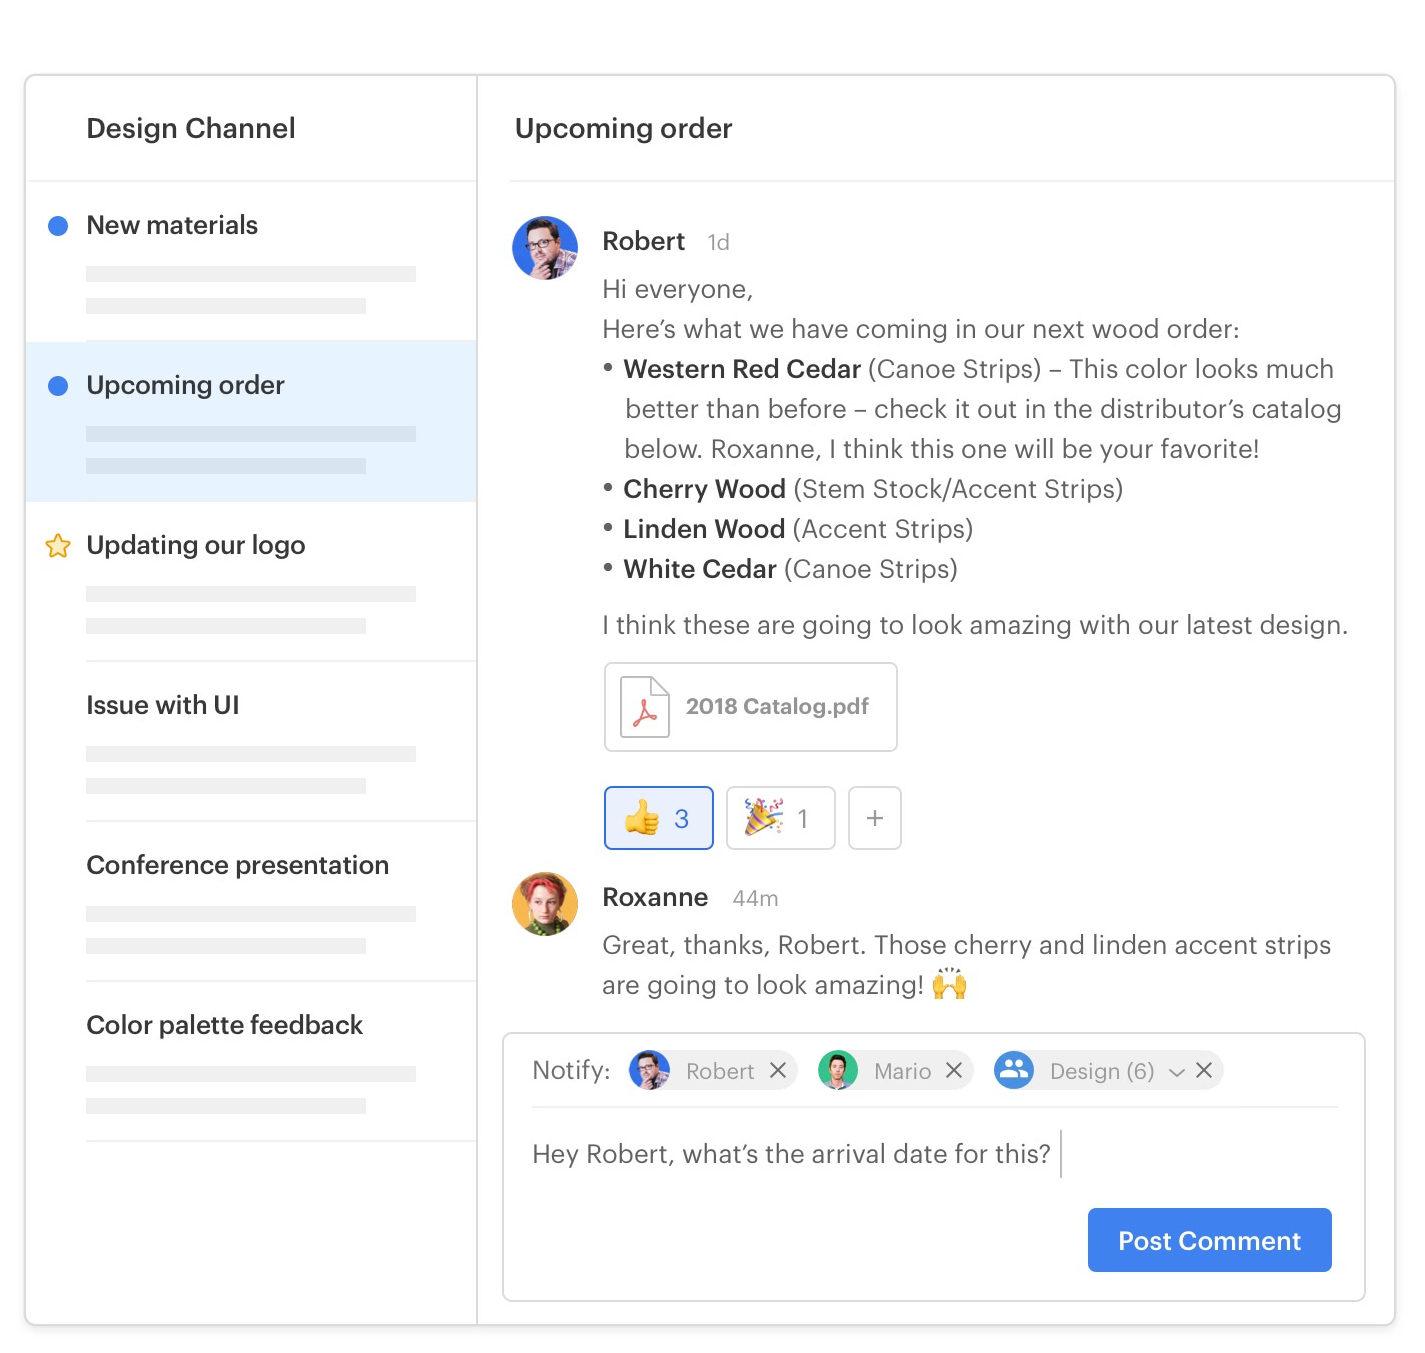 12 app consigliate da Apple per lavoro a distanza e collaborazione online